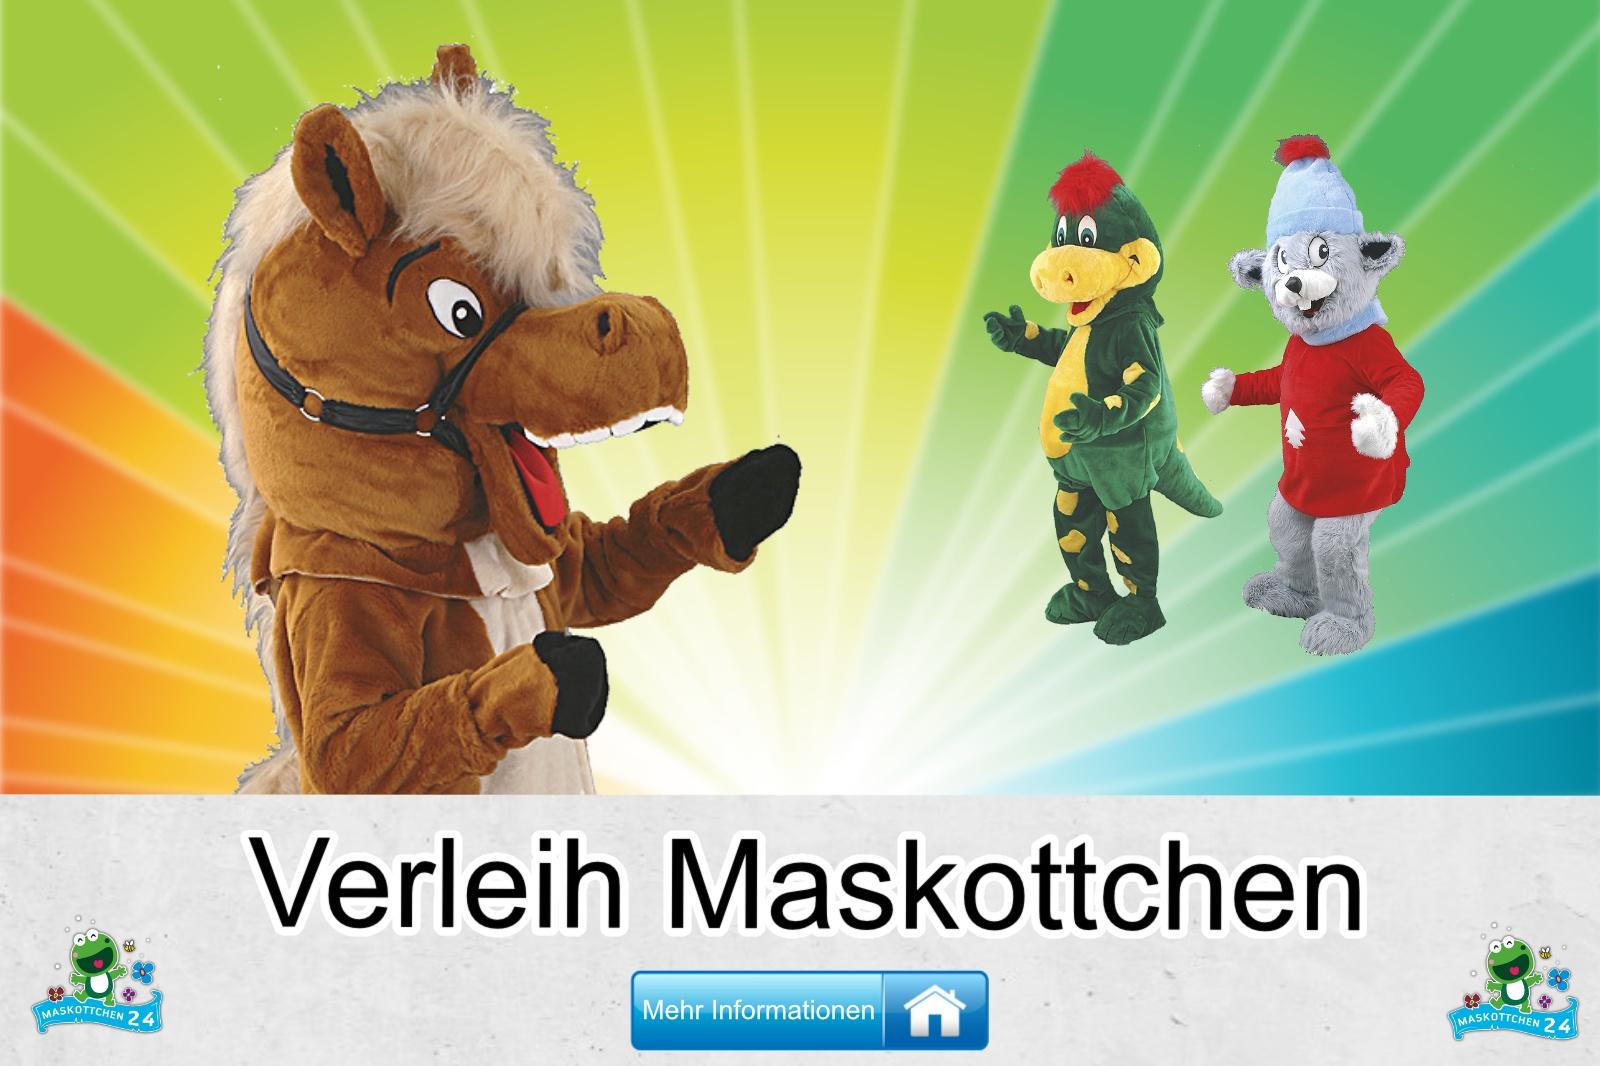 Verleih Maskottchen Kostüm kaufen, günstige Produktion / Herstellung